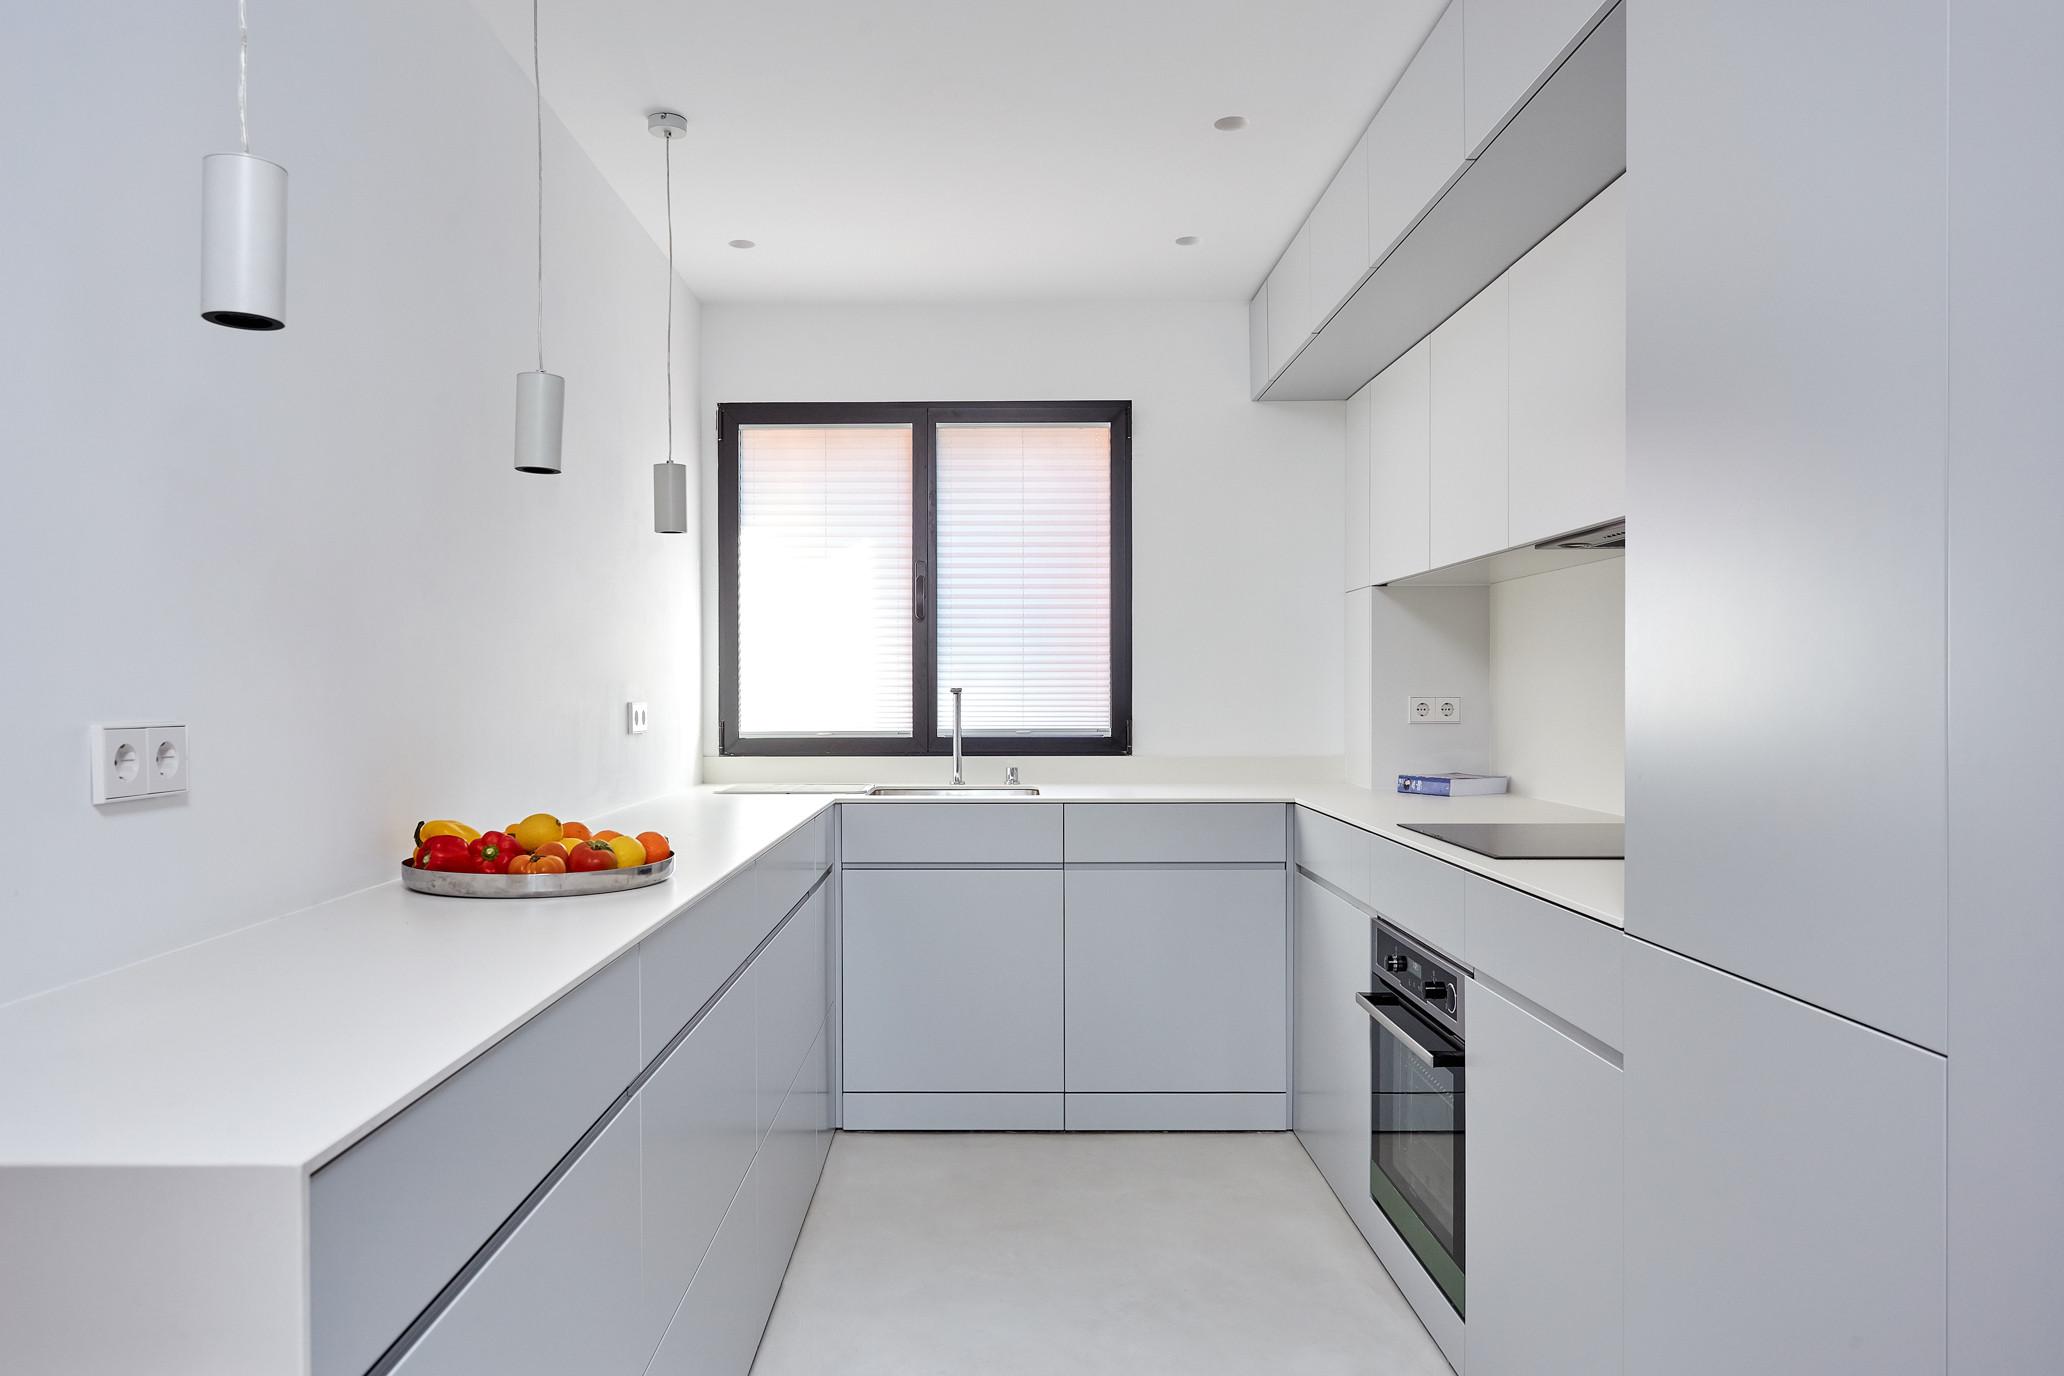 Zona de cocina, detalle.